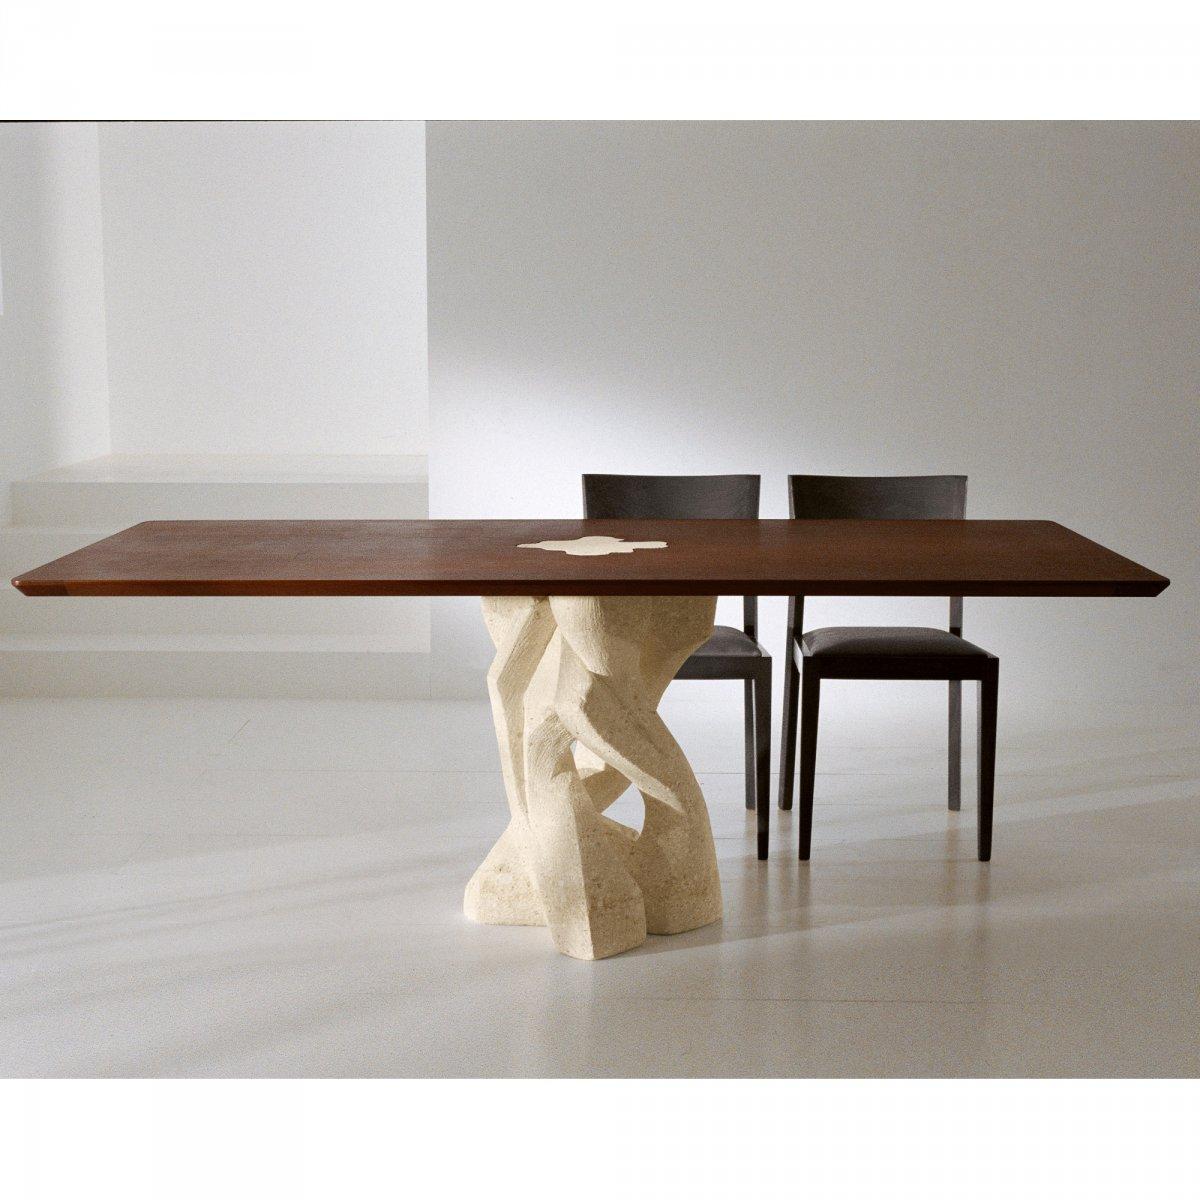 Tavoli In Pietra E Cristallo.Ldm Laboratorio Del Marmo Tavolo Alex Wood Rettangolare Vetro Ldm